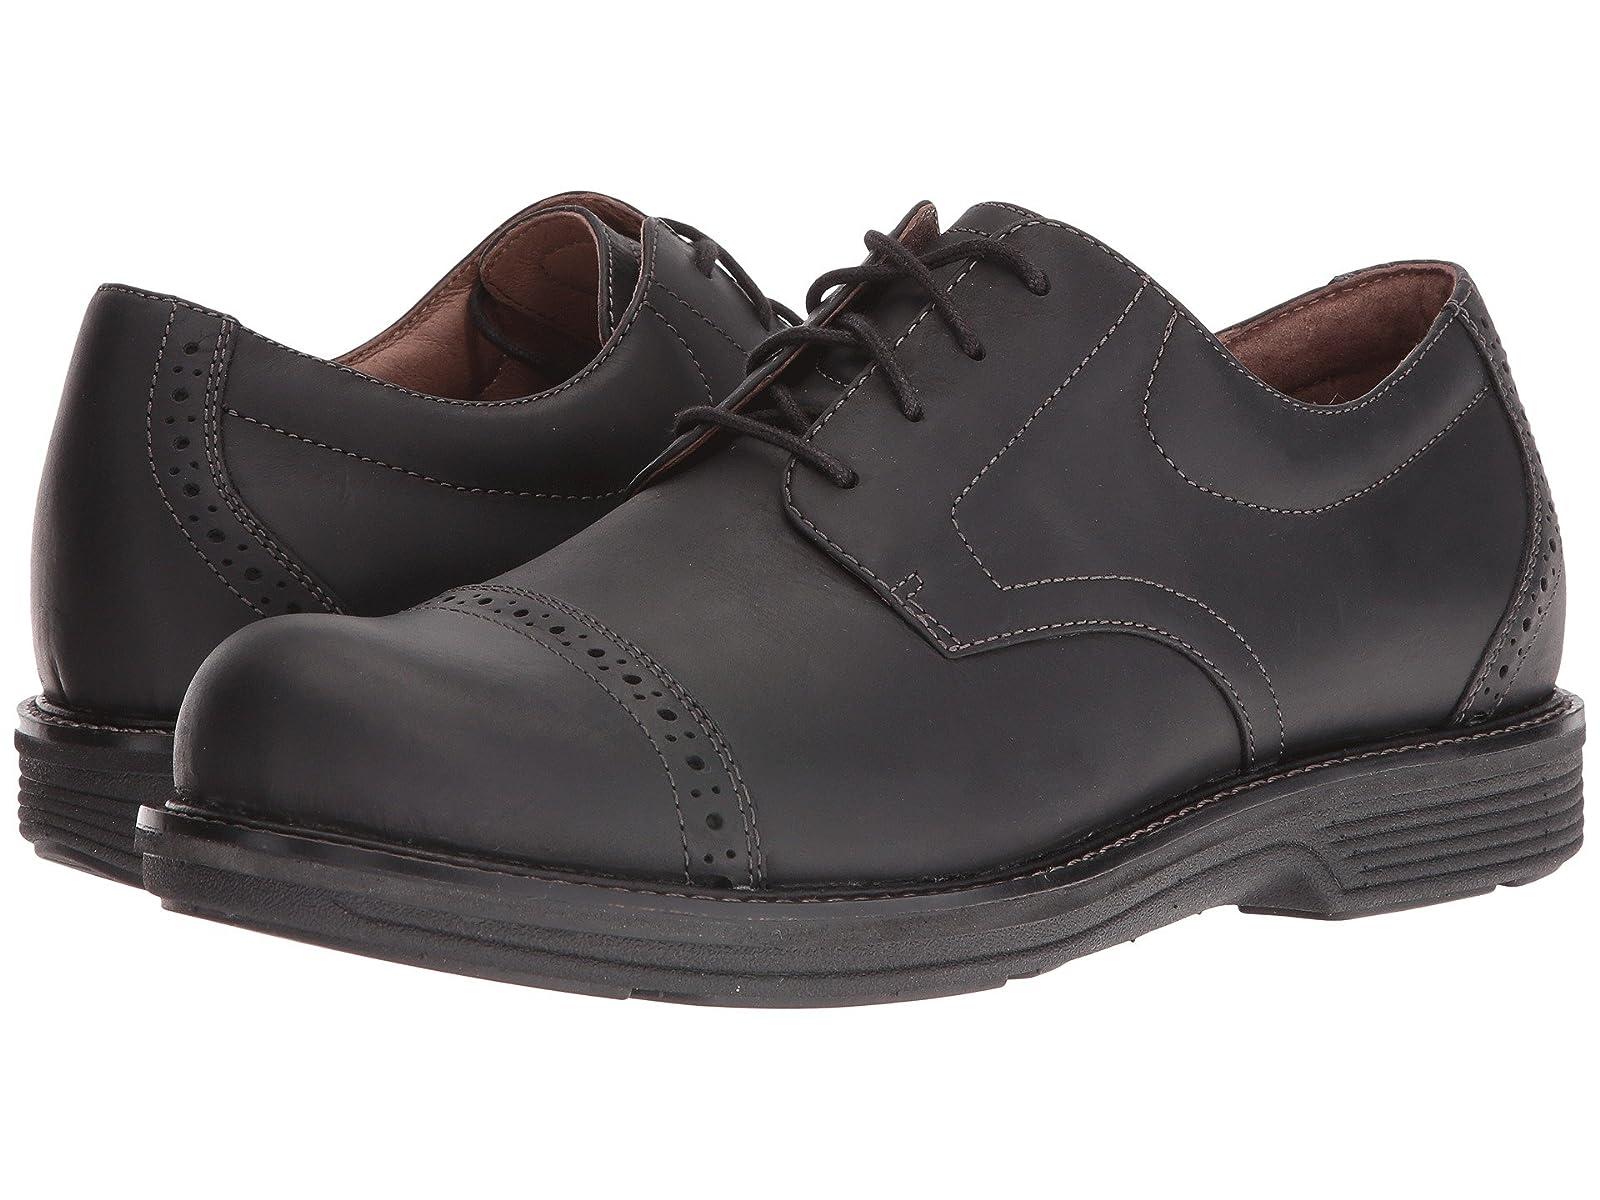 Dansko JustinAtmospheric grades have affordable shoes